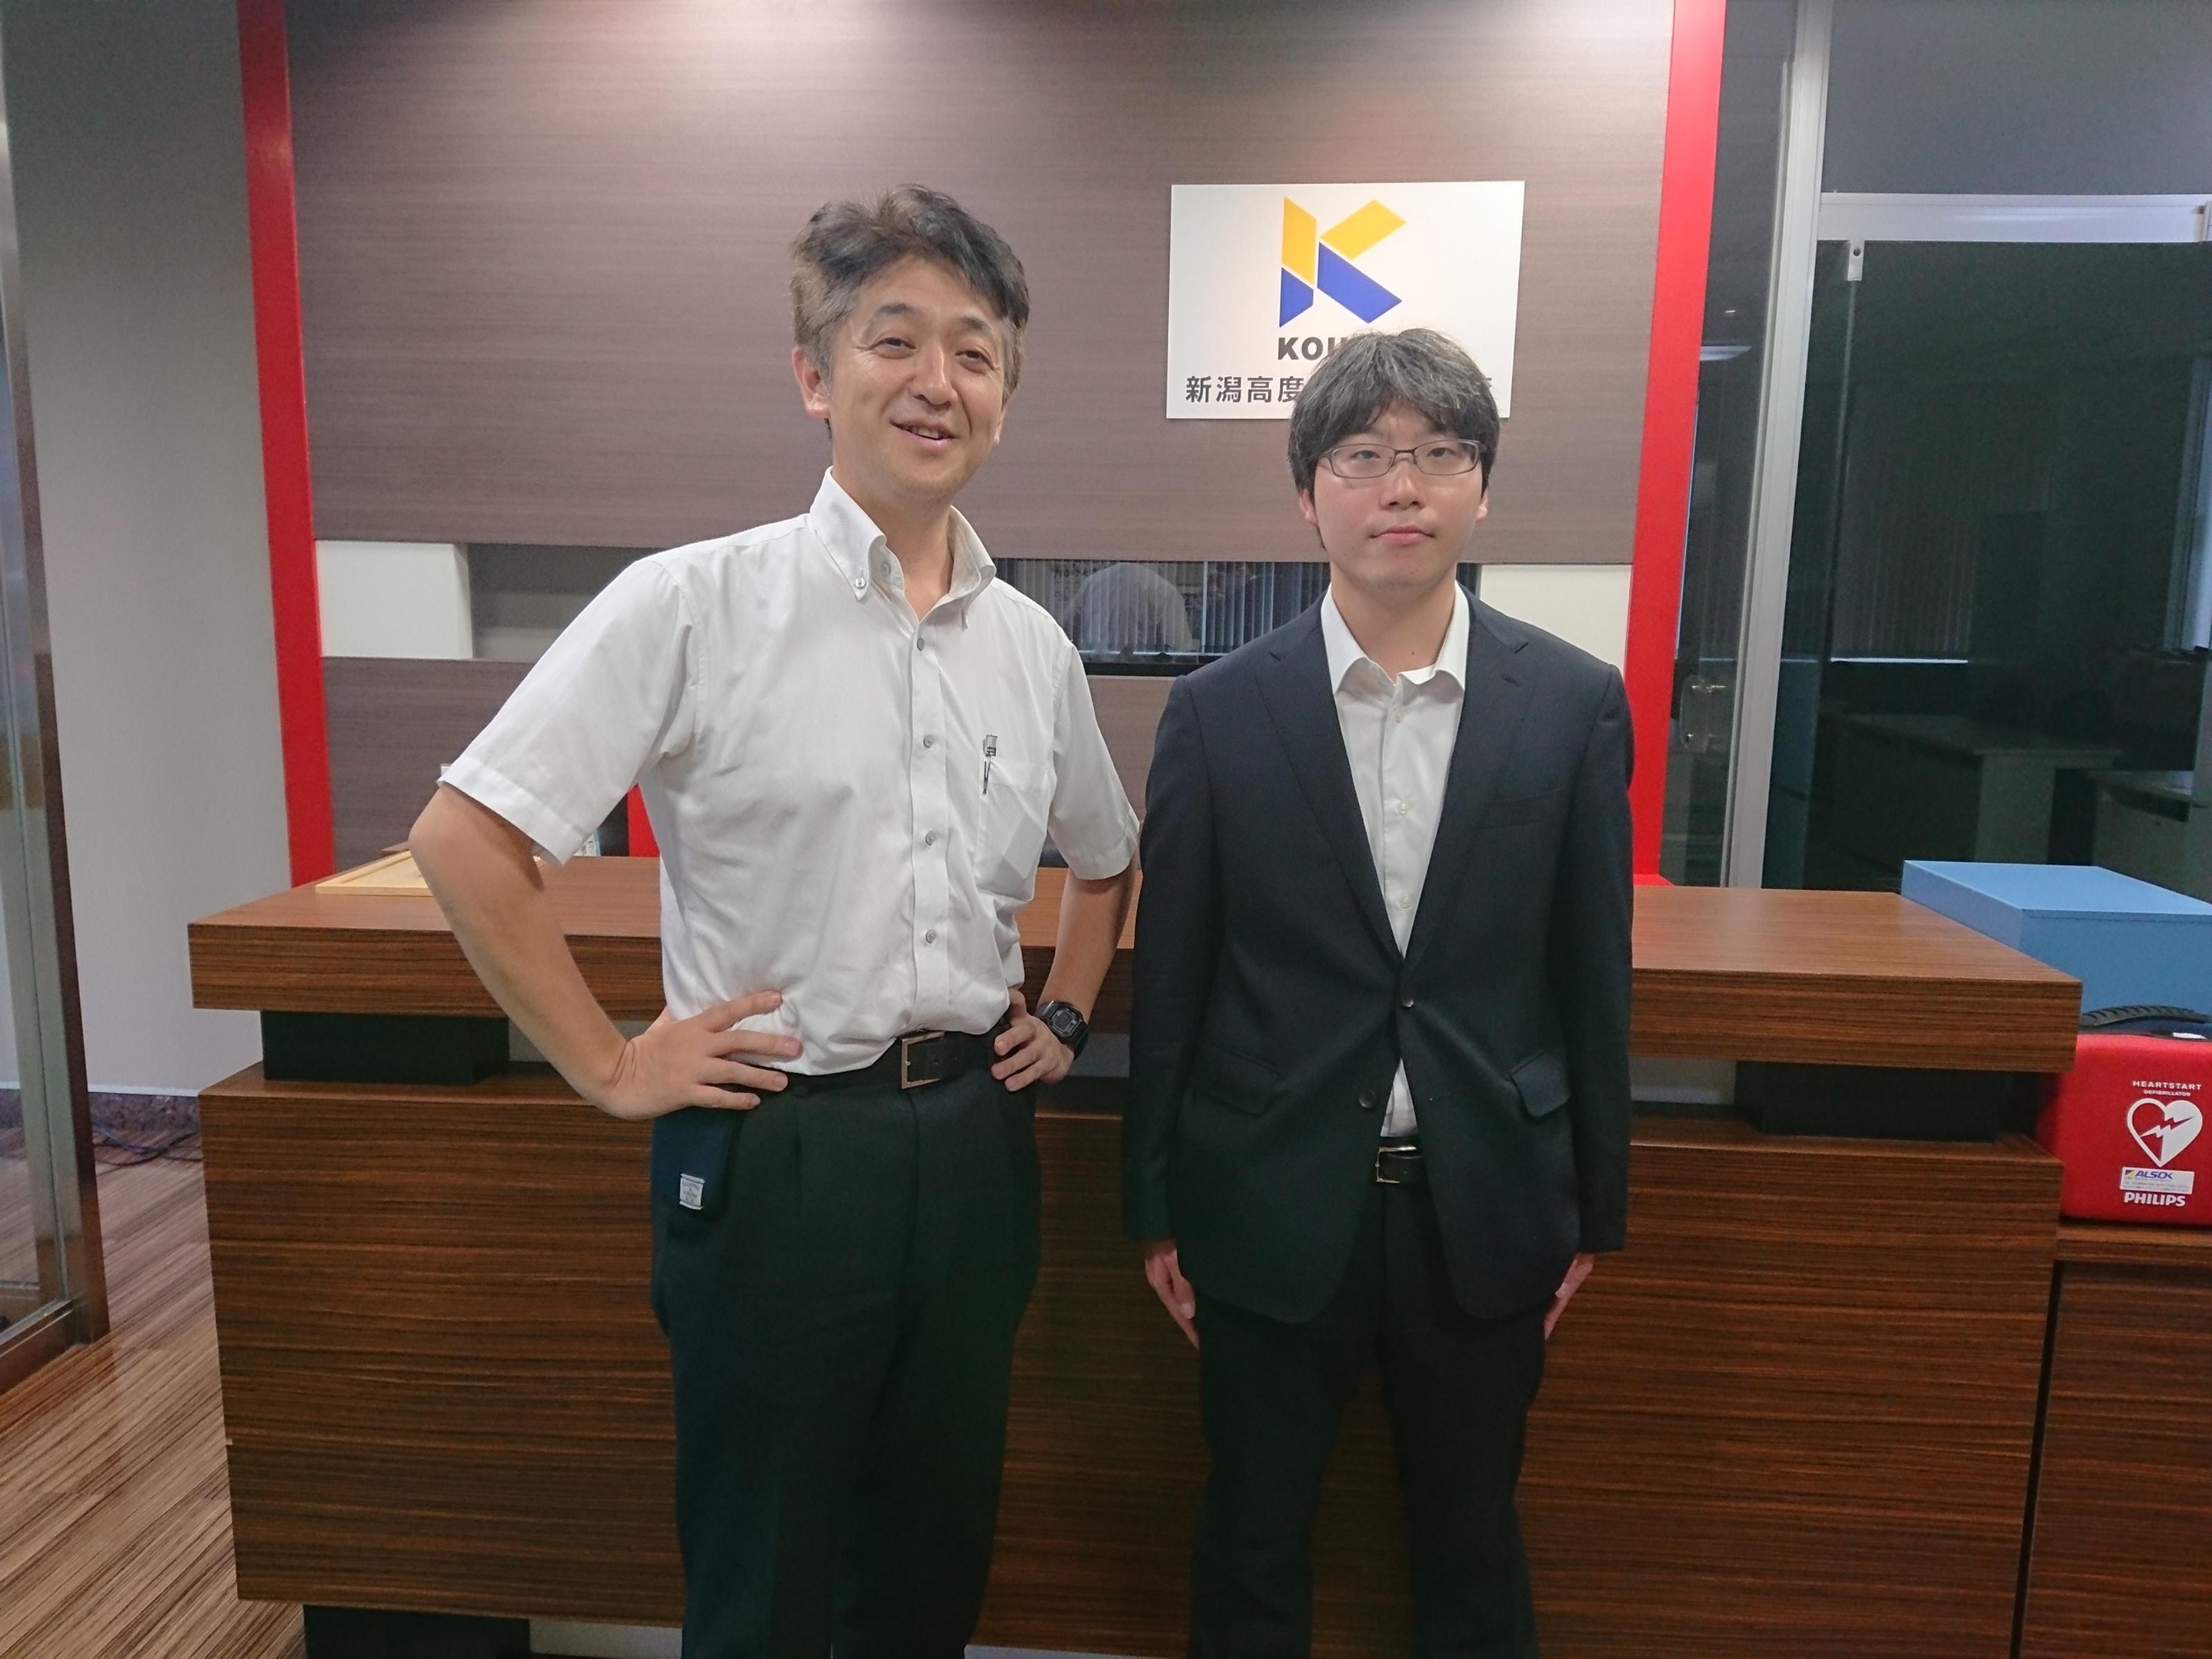 卒業生・KOUDO